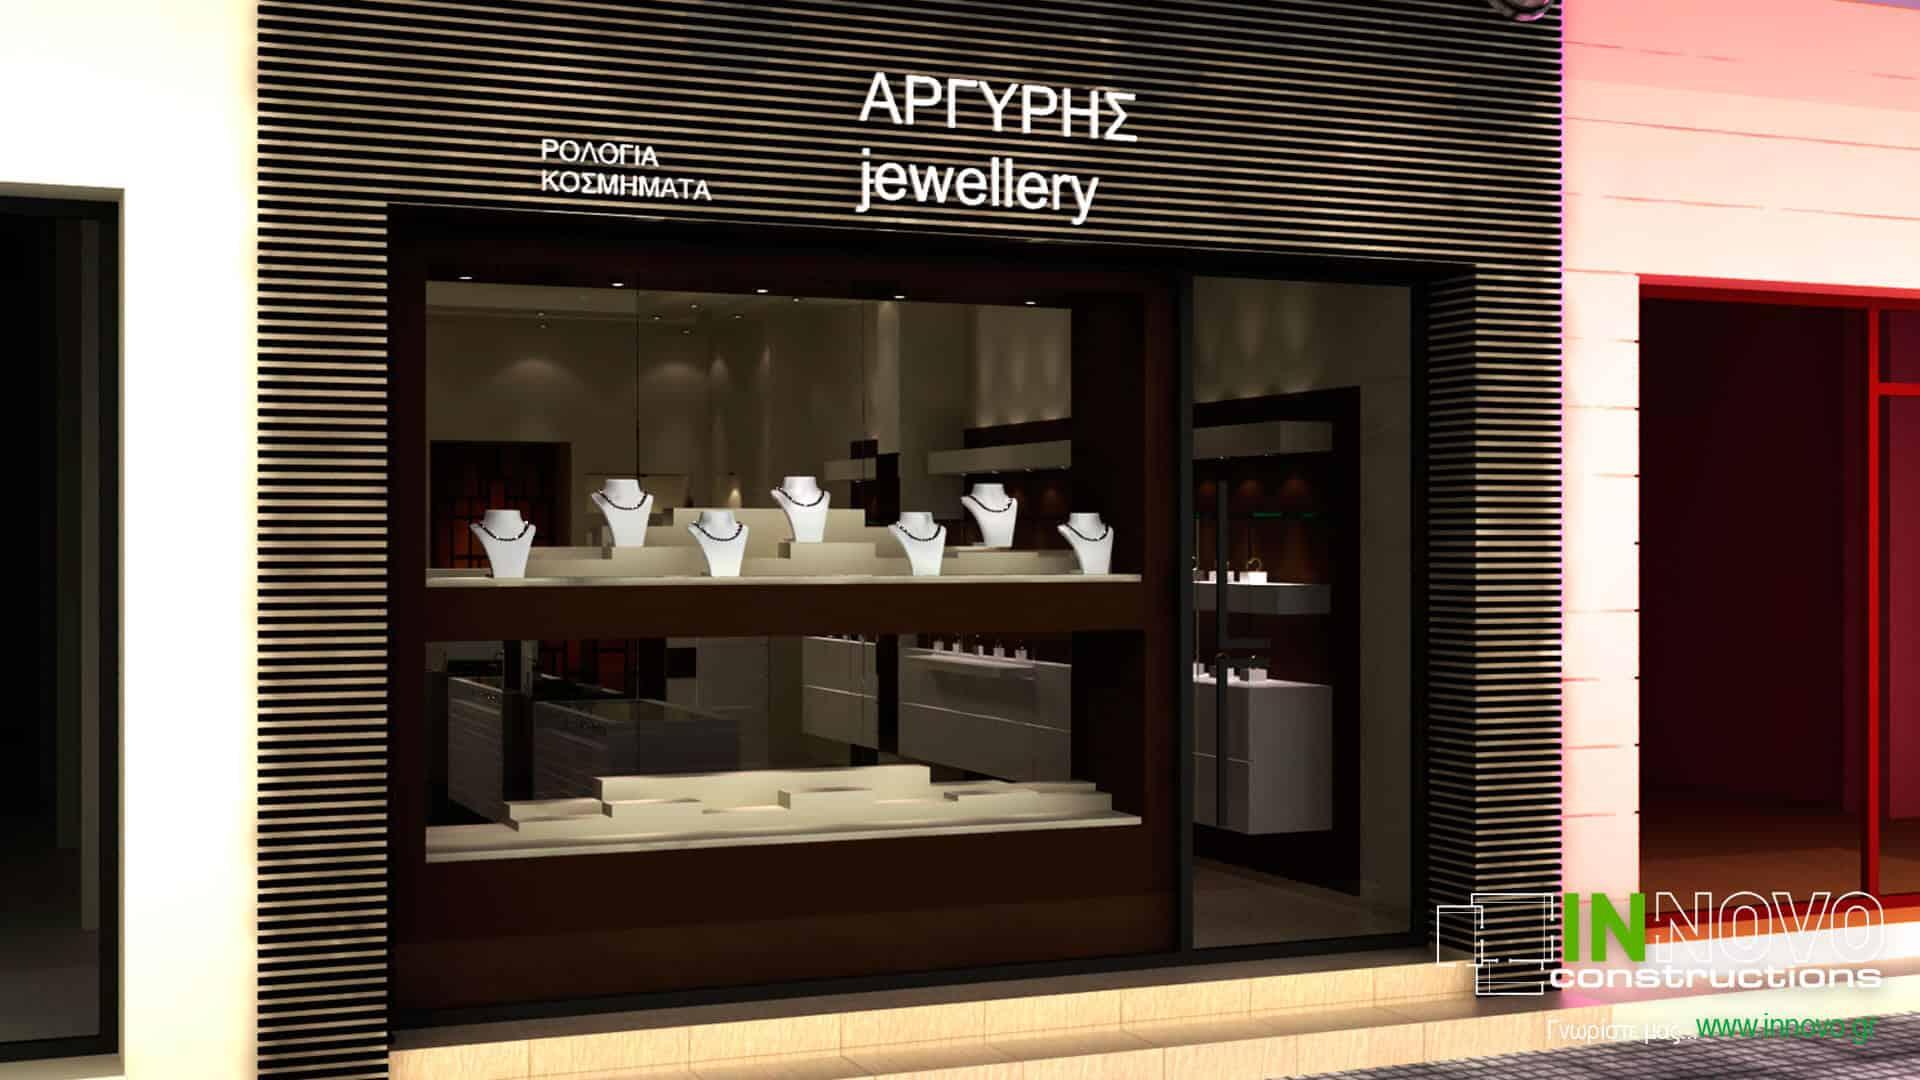 diakosmisi-kosmimatopoleiou-jewelry-design-kosmimatopoleio-lefkada-1187-6